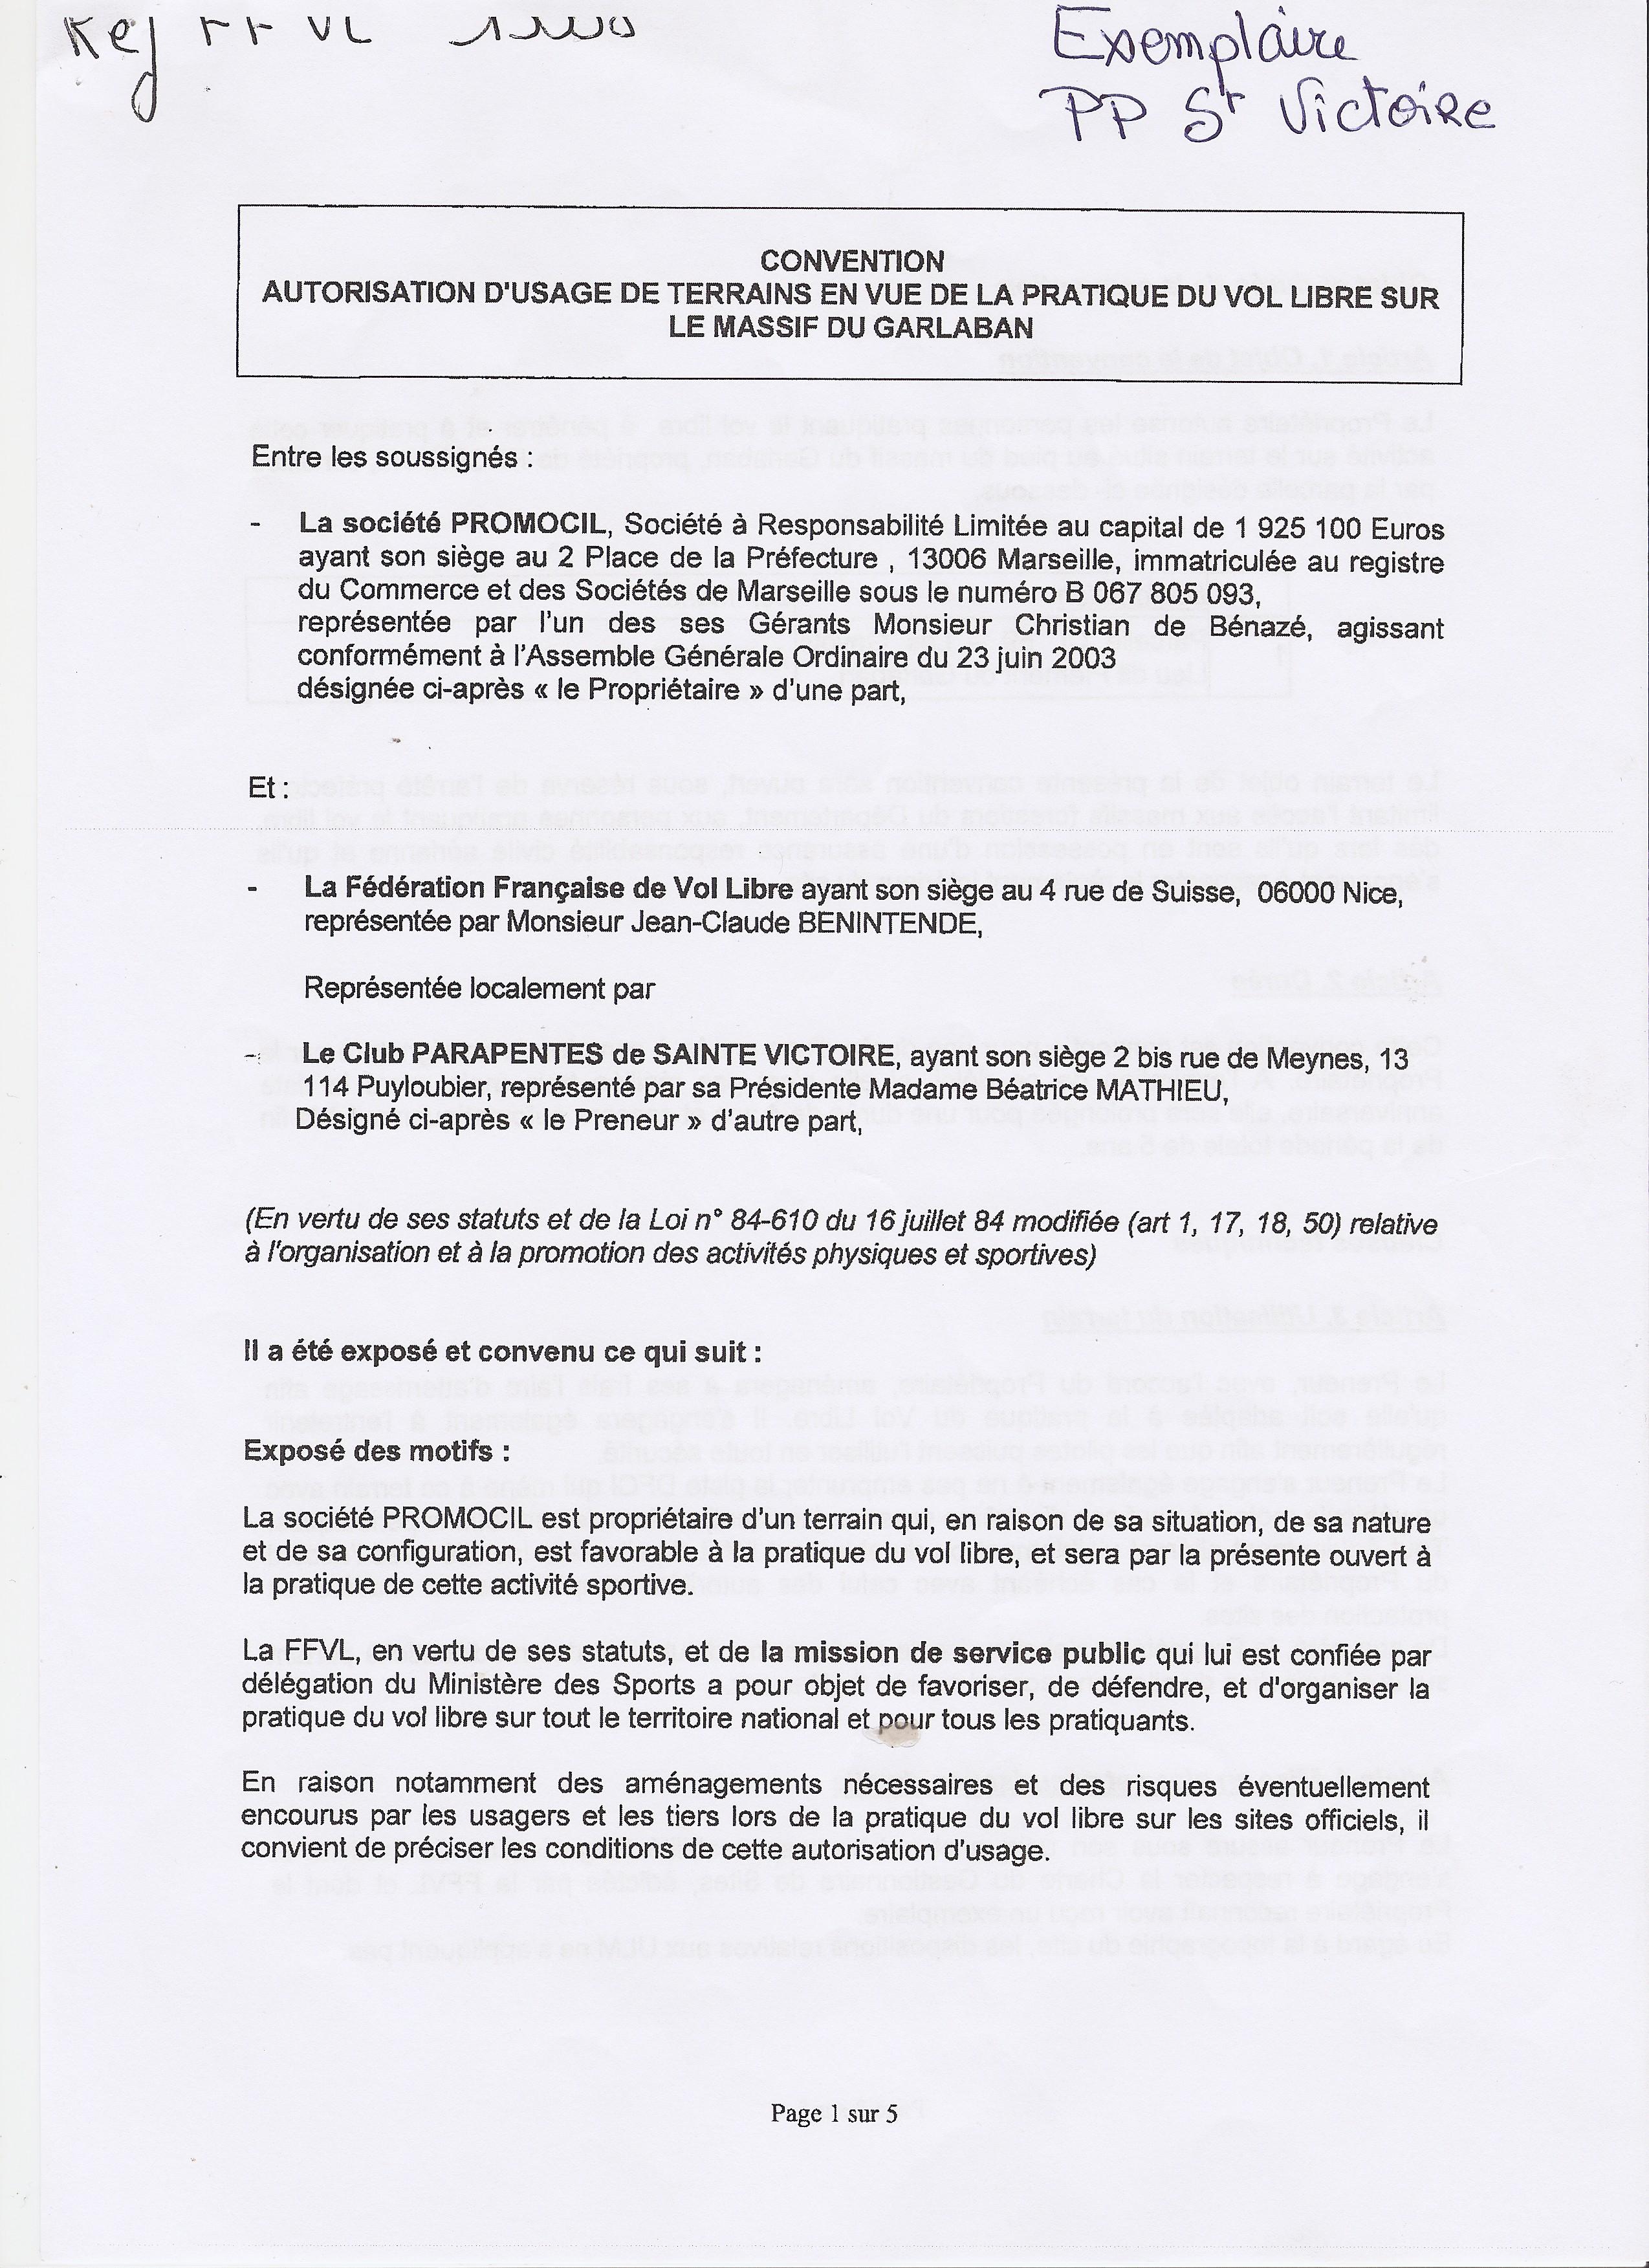 http://loicduperier.free.fr/parapente_blog/Convention%20originale%20Promocil%202%20.jpg